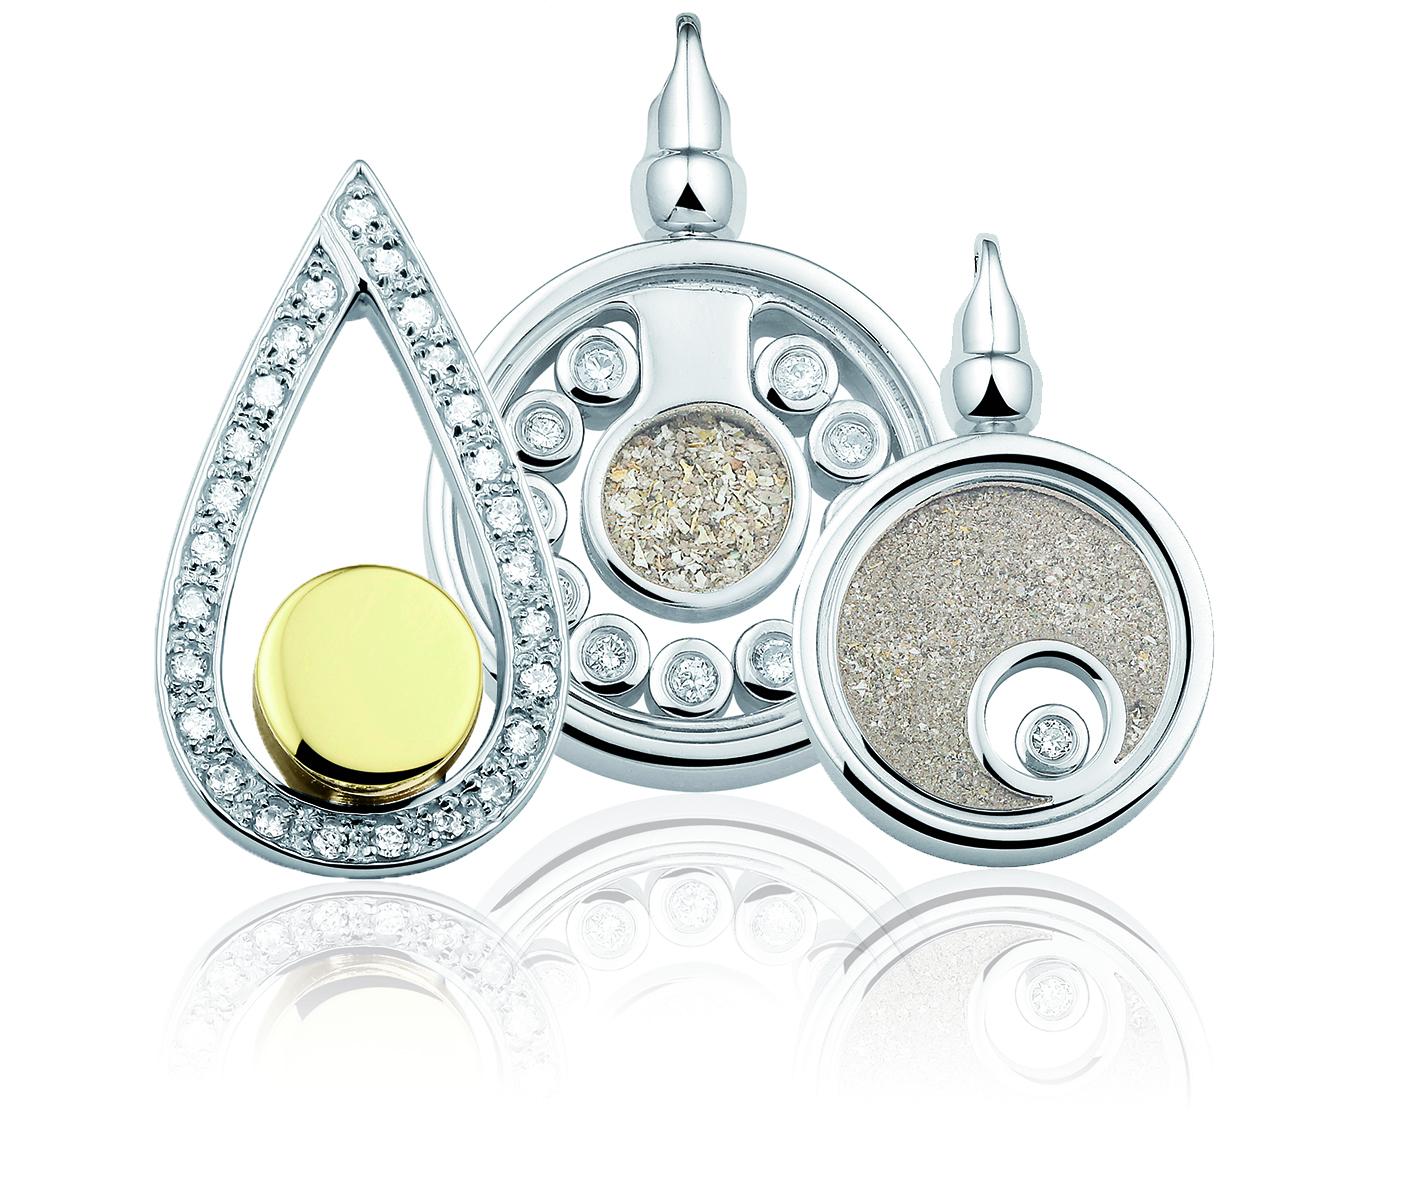 wolters juweliers coevorden emmen gedenksieraden